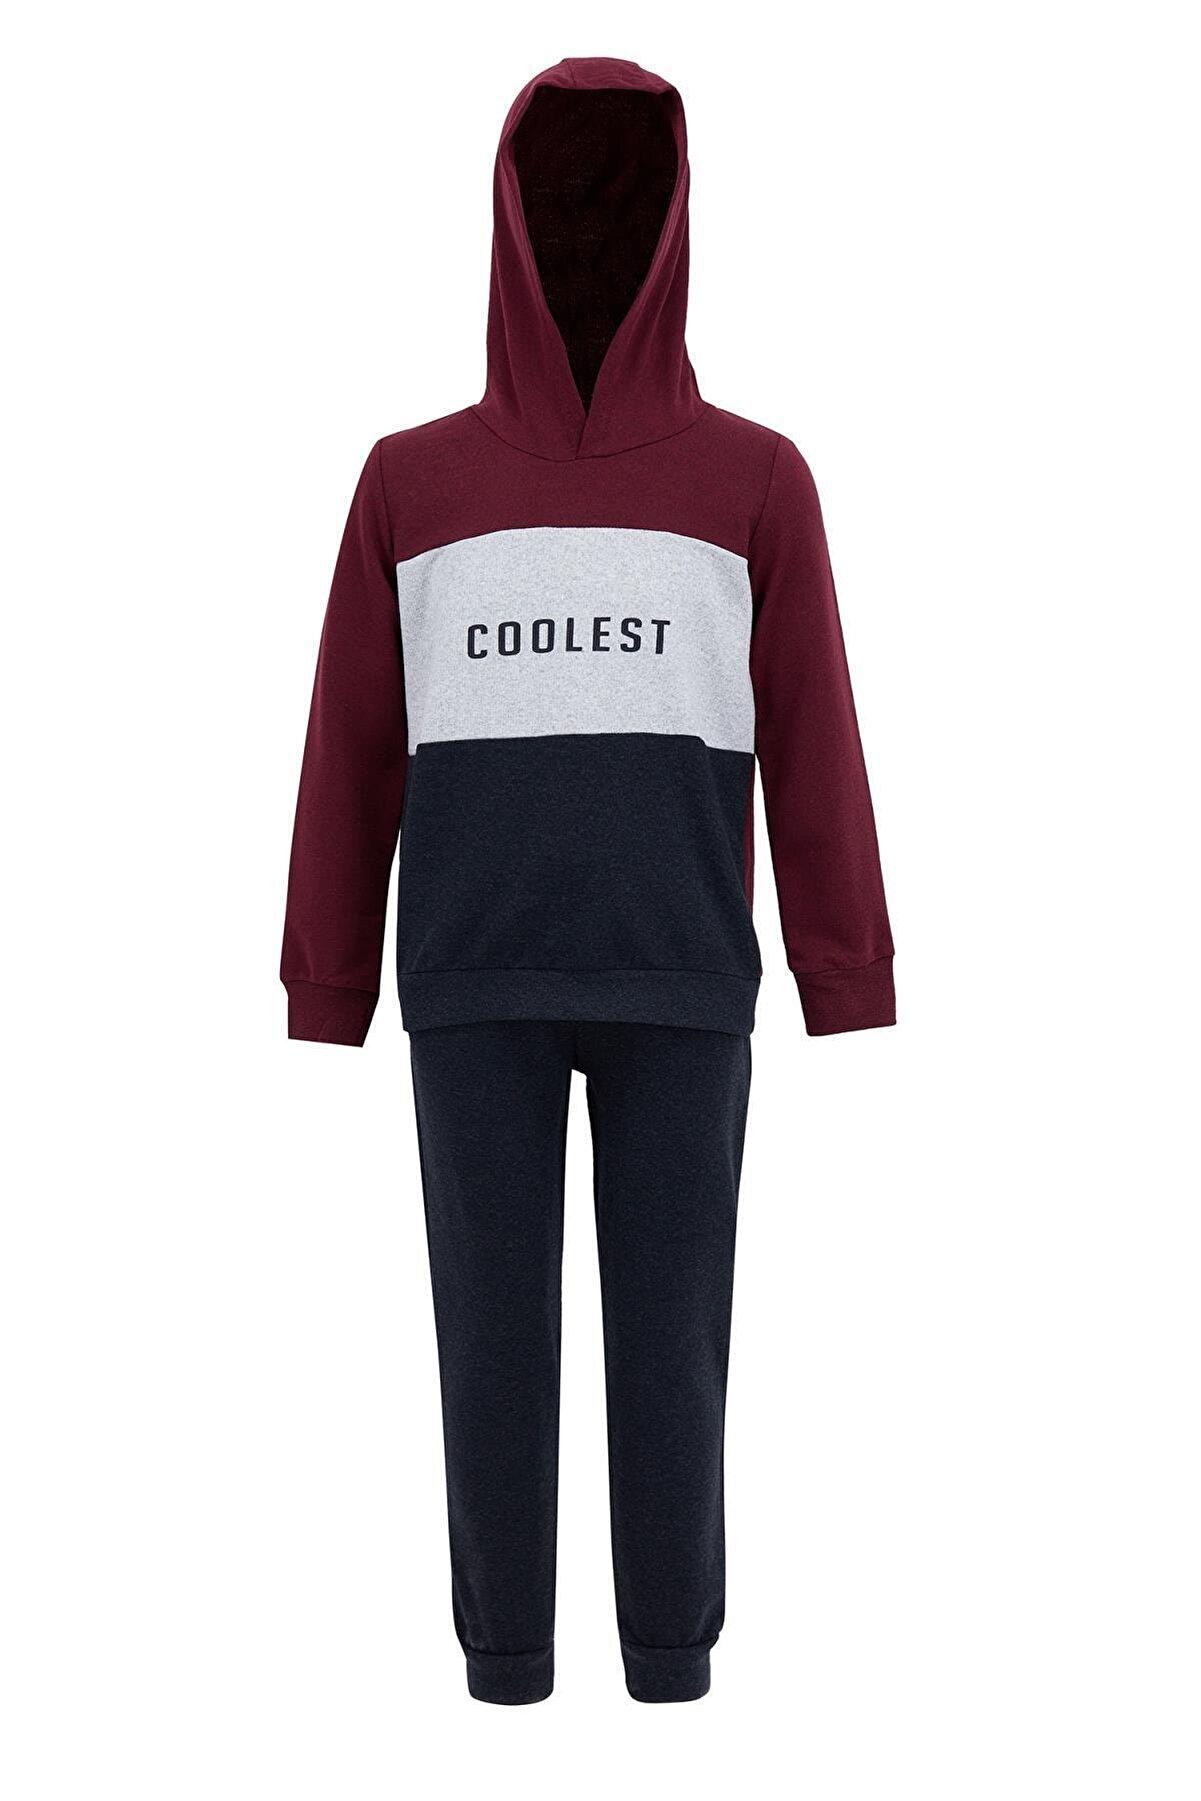 Defacto Erkek Çocuk Yazı Baskılı Renk Bloklu Sweatshirt Ve Jogger Eşofman Alt Takım T4690A621SP